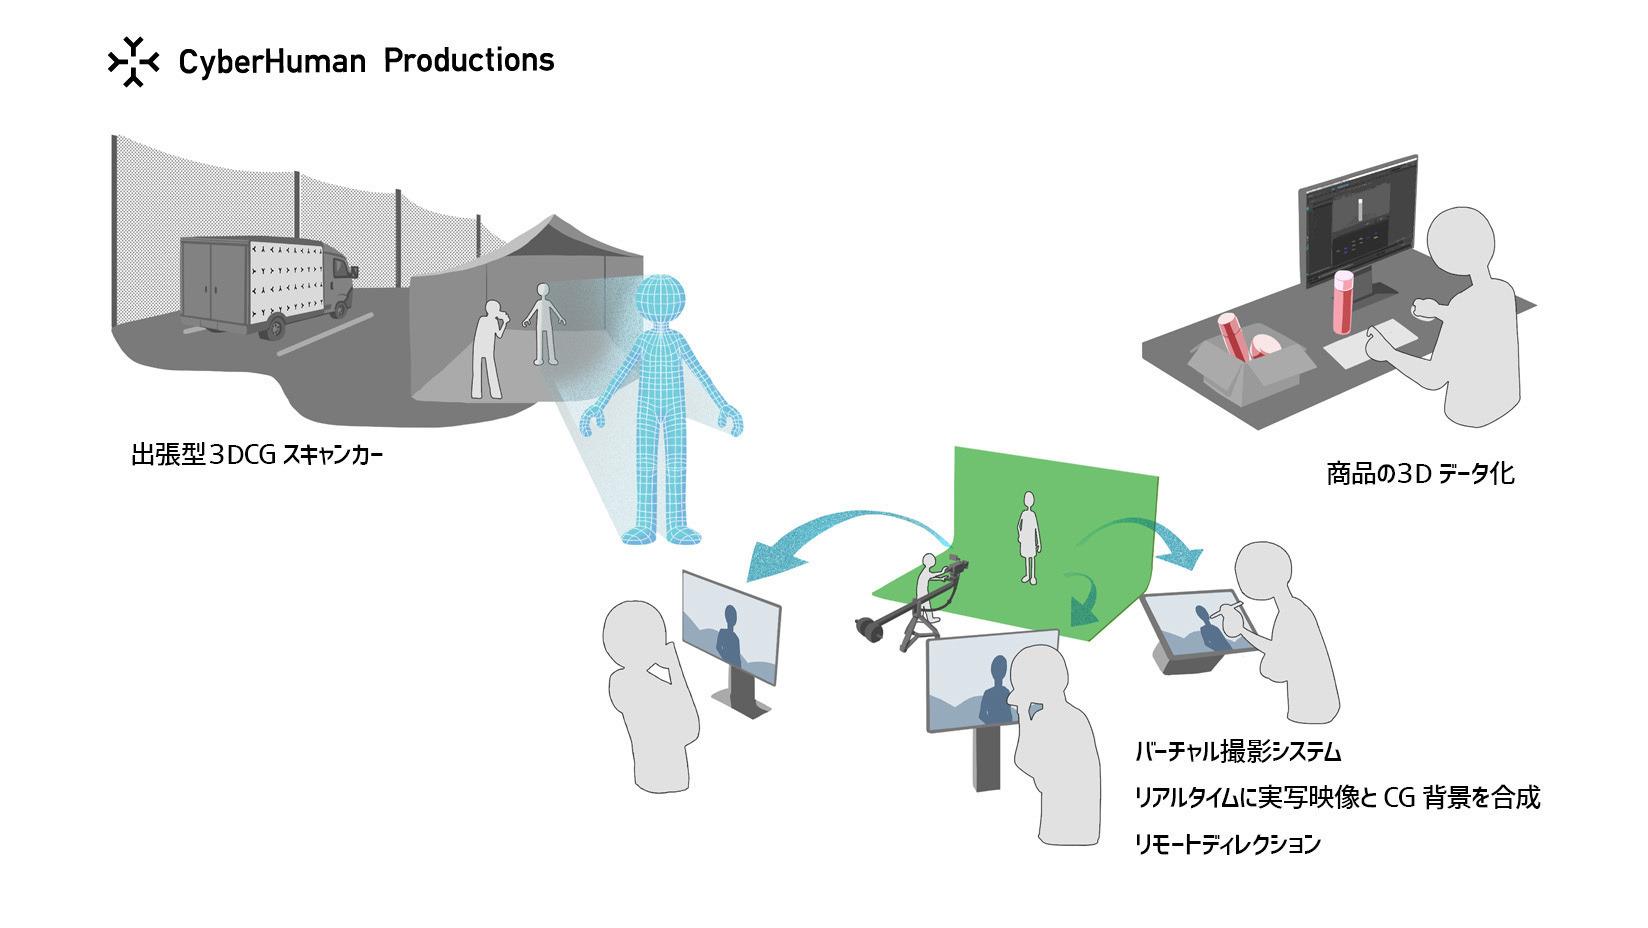 CyberHuman Productions